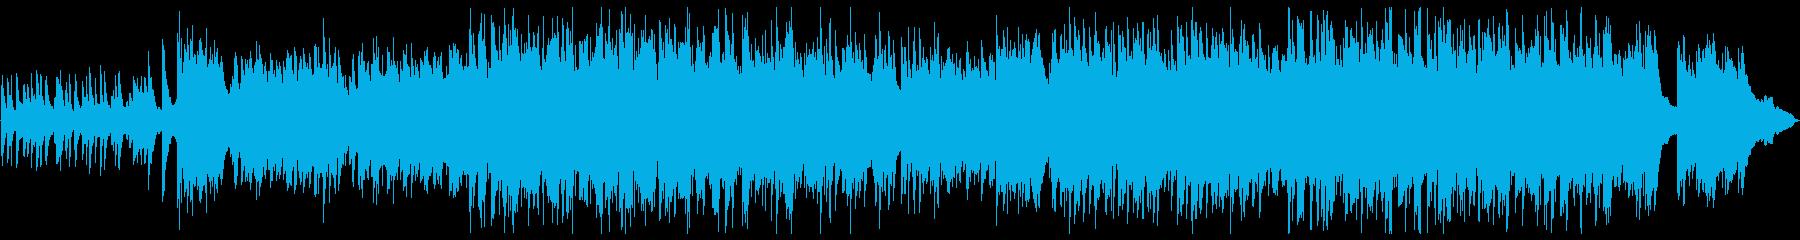 ノスタルジックなトリオ編成のバラードの再生済みの波形